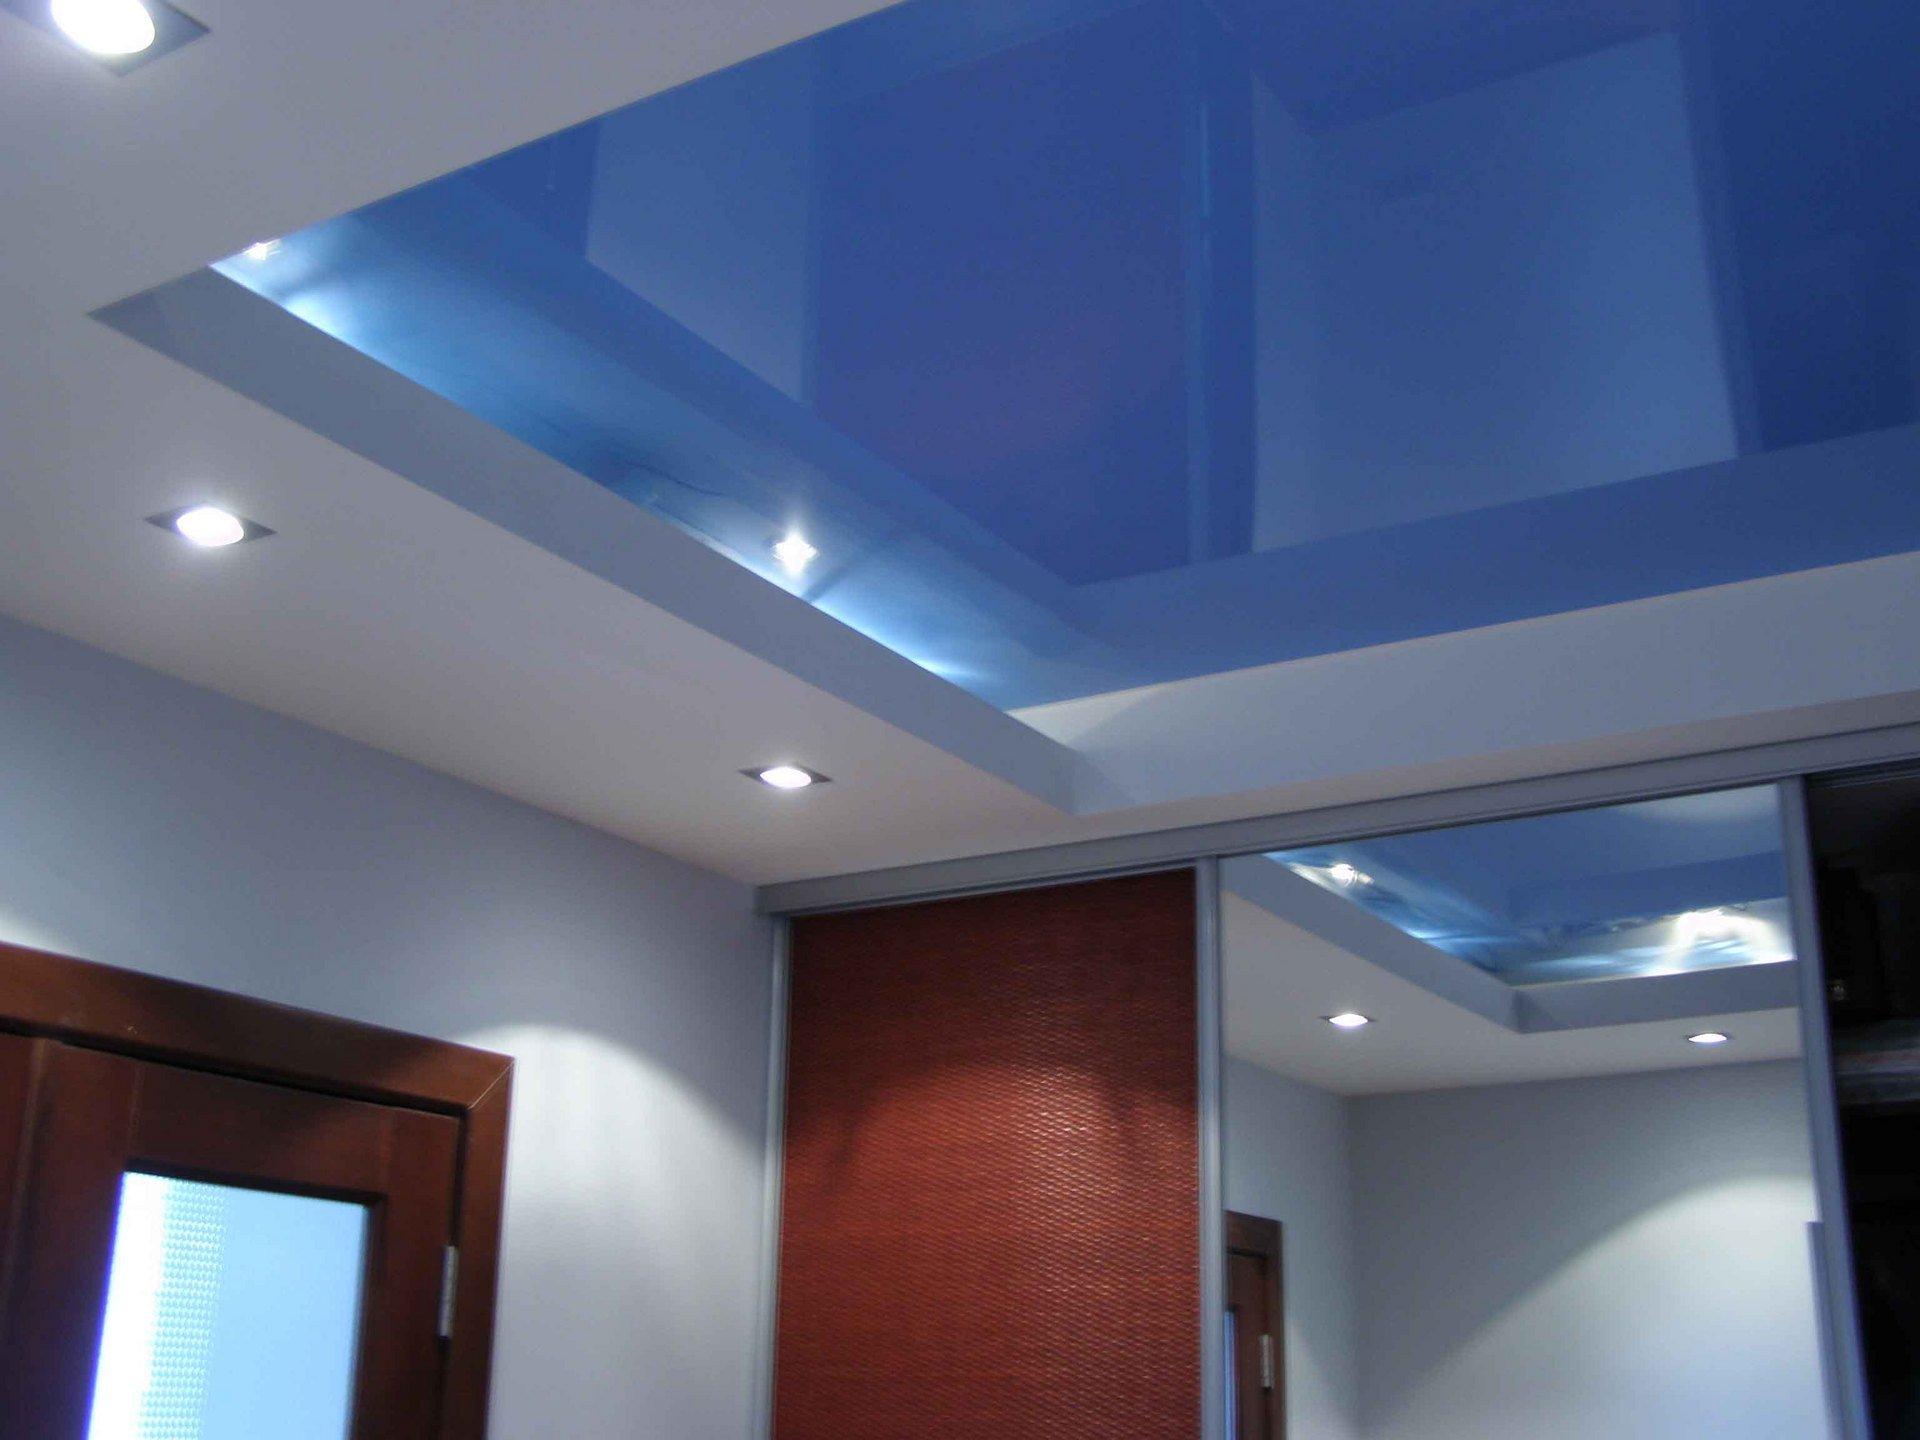 Faux plafond placo rampant merignac devis travaux de peinture soci t ghnnow - Hauteur sous plafond maison ...